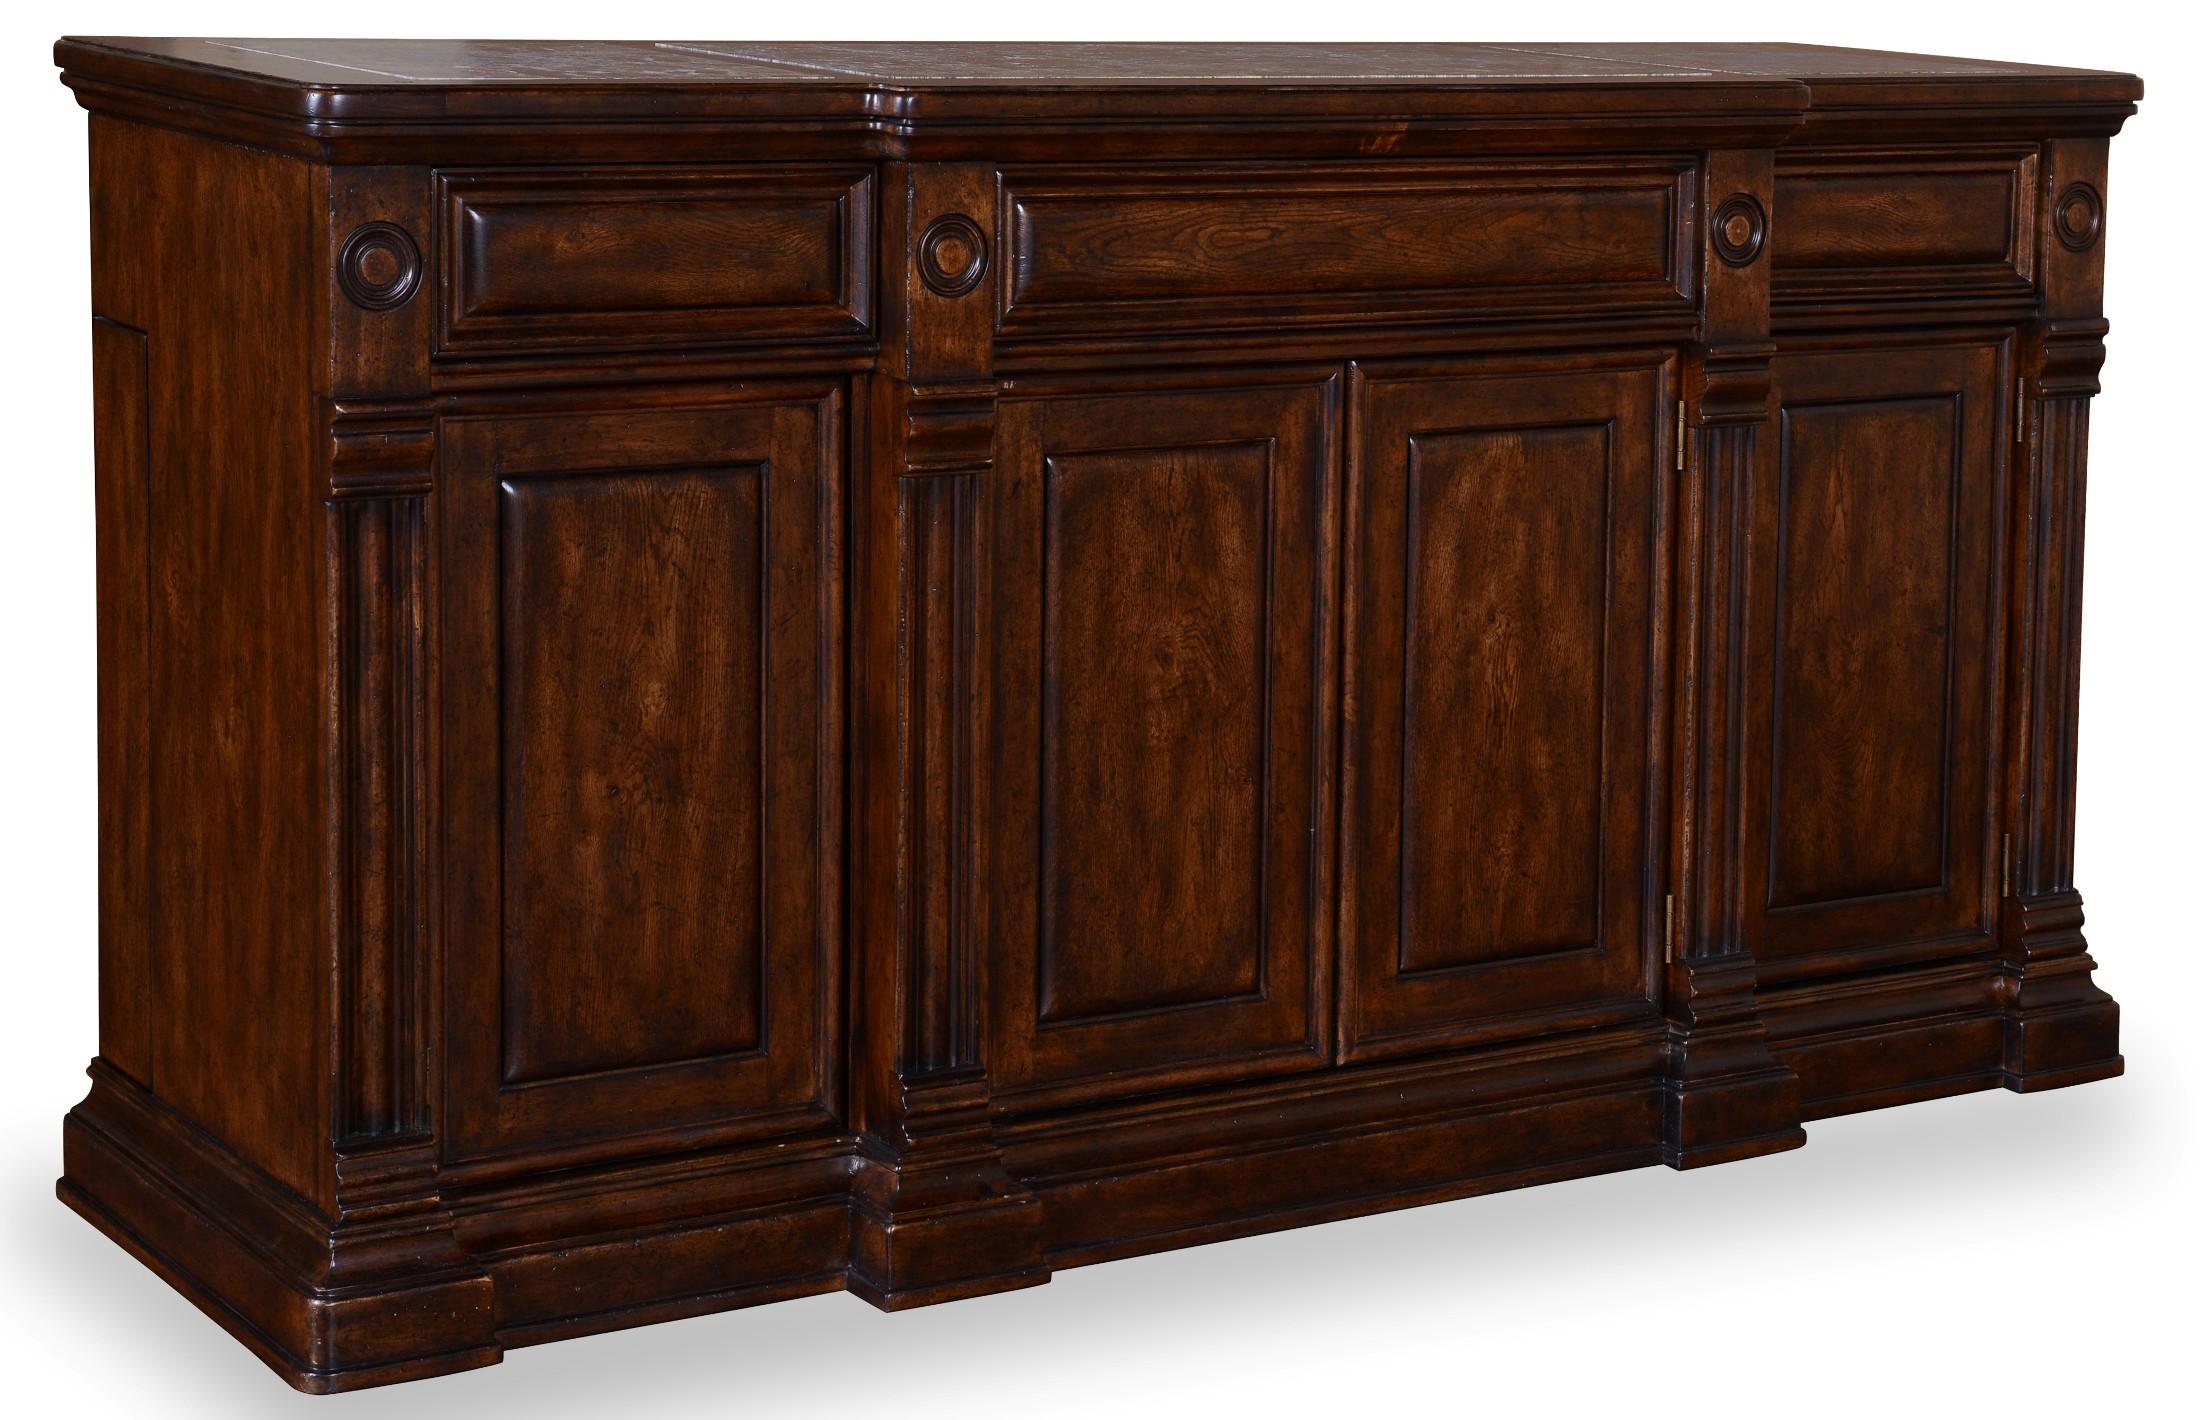 Whiskey Barrel Oak Buffet From Art 205251 2304 Coleman Furniture